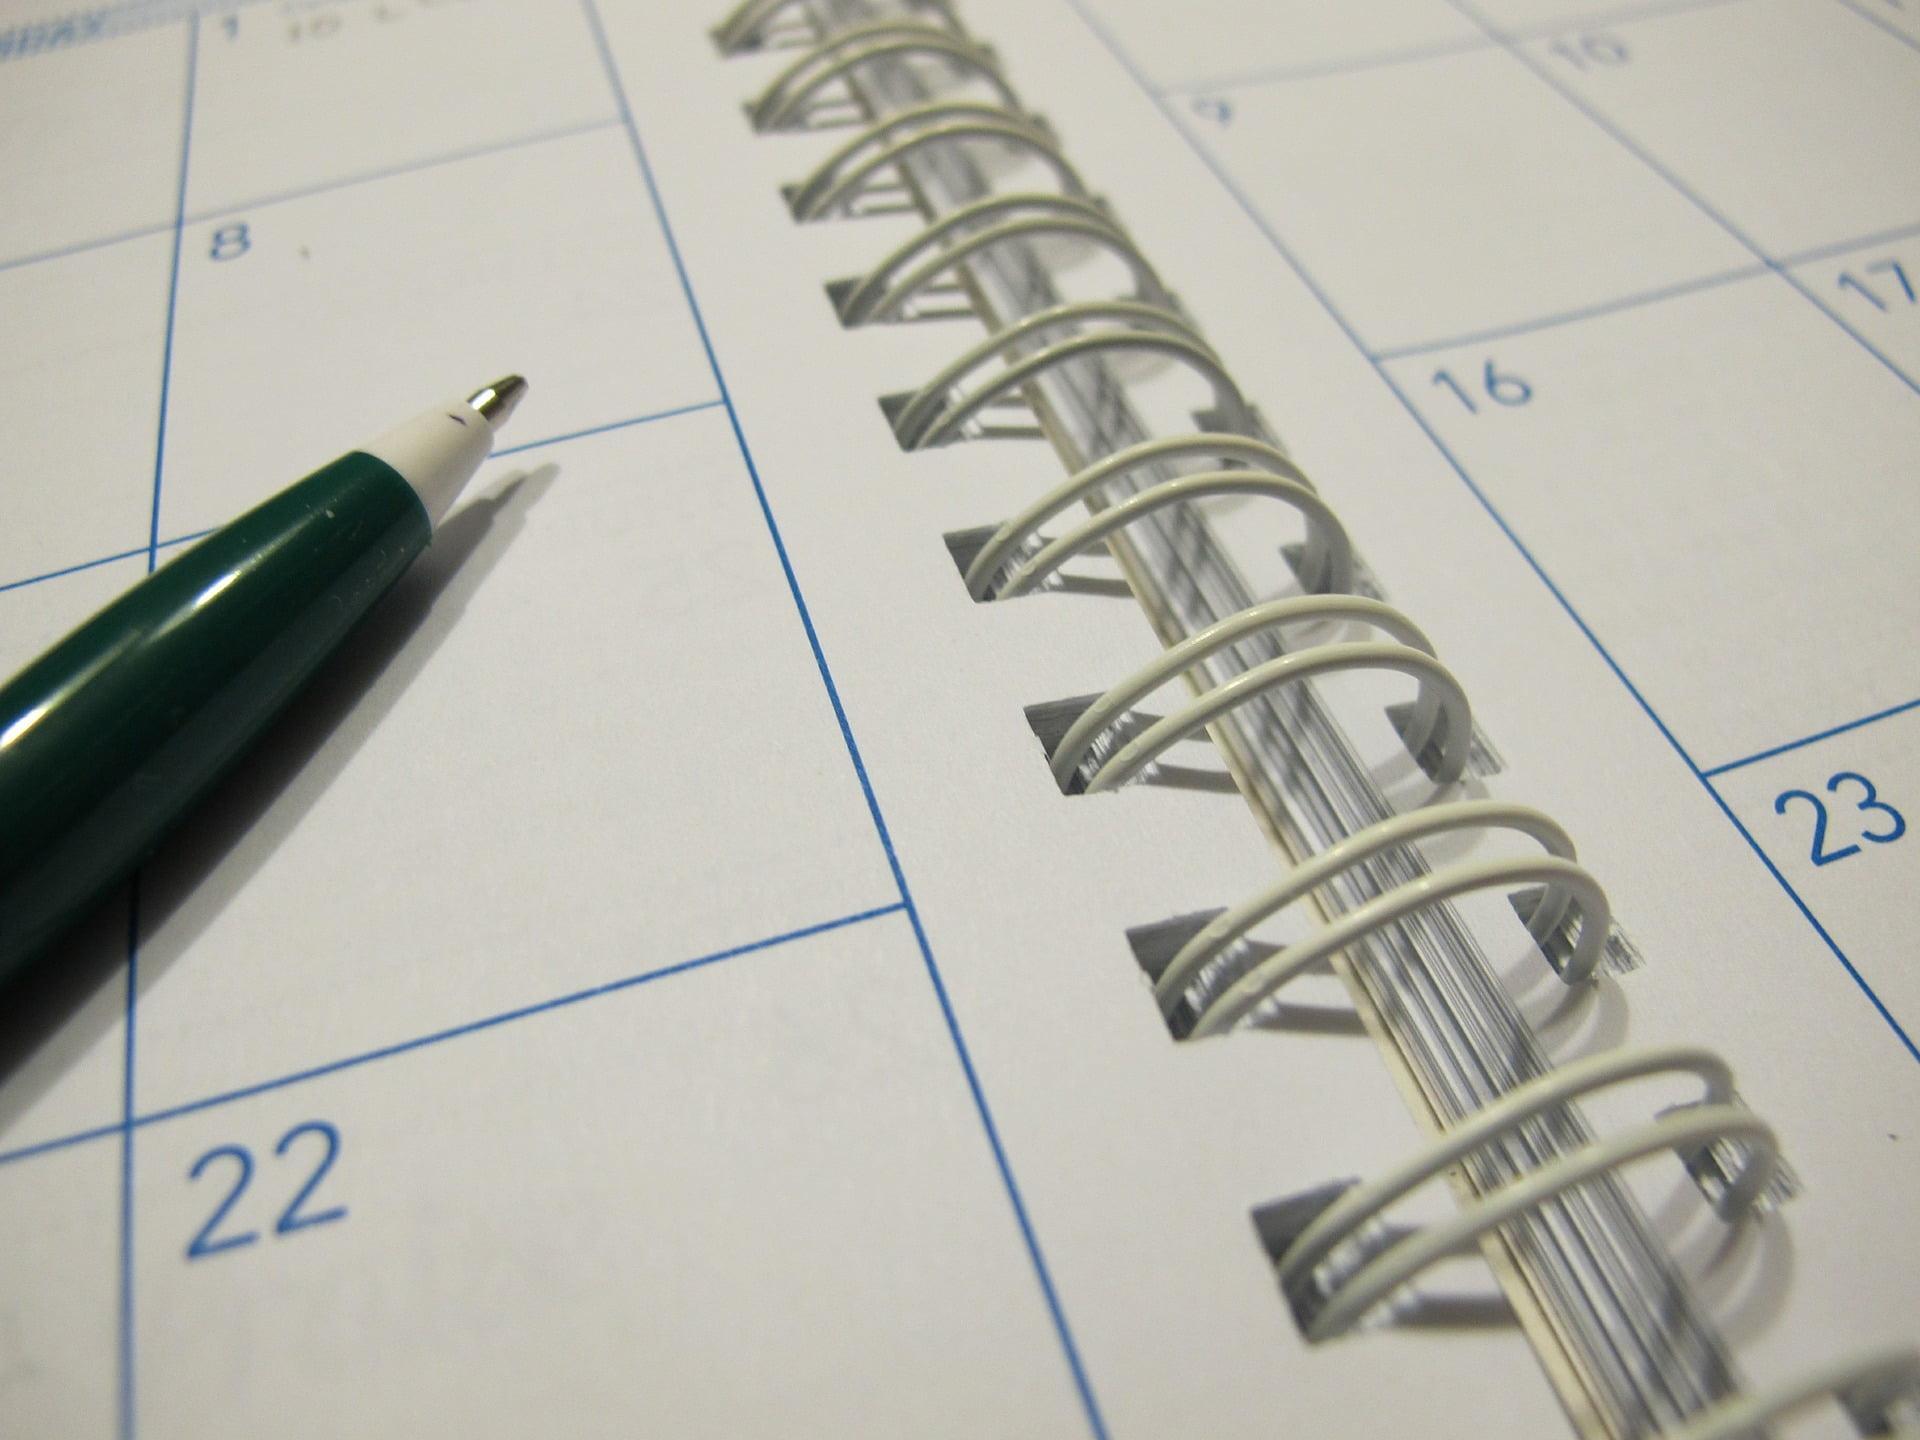 Spiraljenje koledarjev, tisk majic, novoletni program, koledarji, tisk na majice, tampotisk, sitotisk, potisk poslovnih daril, poslovna darila, D-design 104